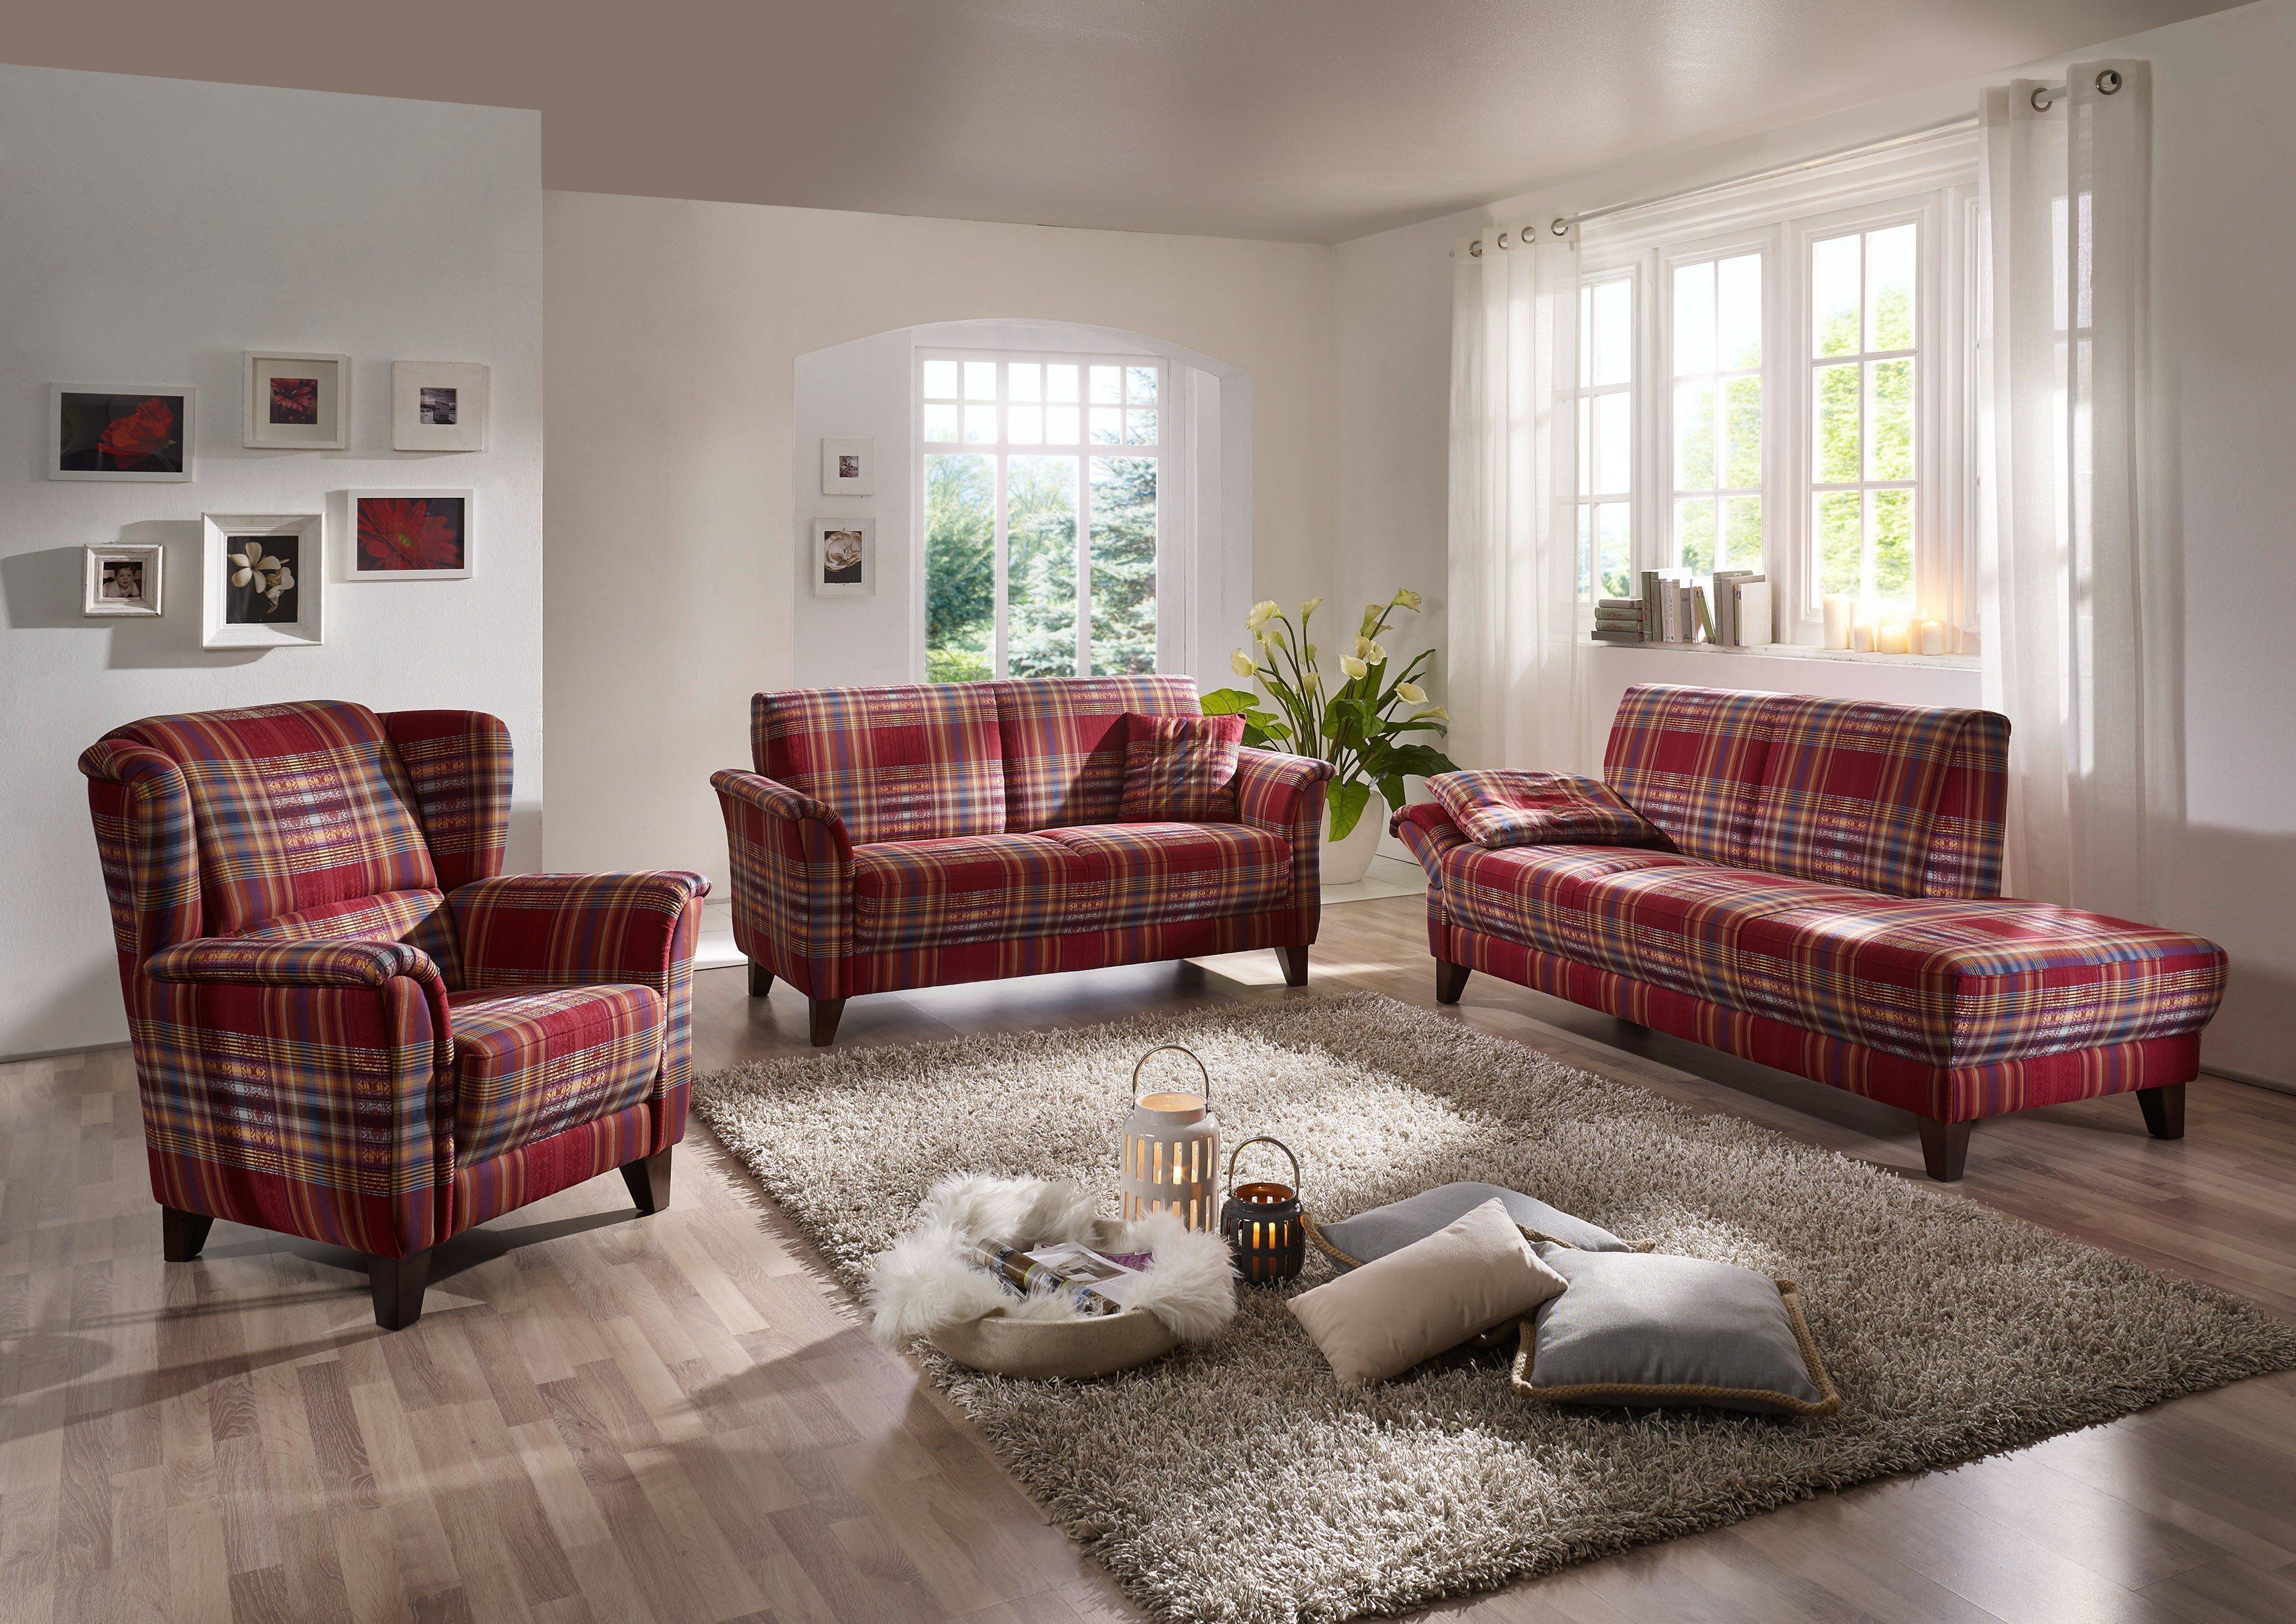 ponsel polstergruppe london classic rot kariert m bel letz ihr online shop. Black Bedroom Furniture Sets. Home Design Ideas